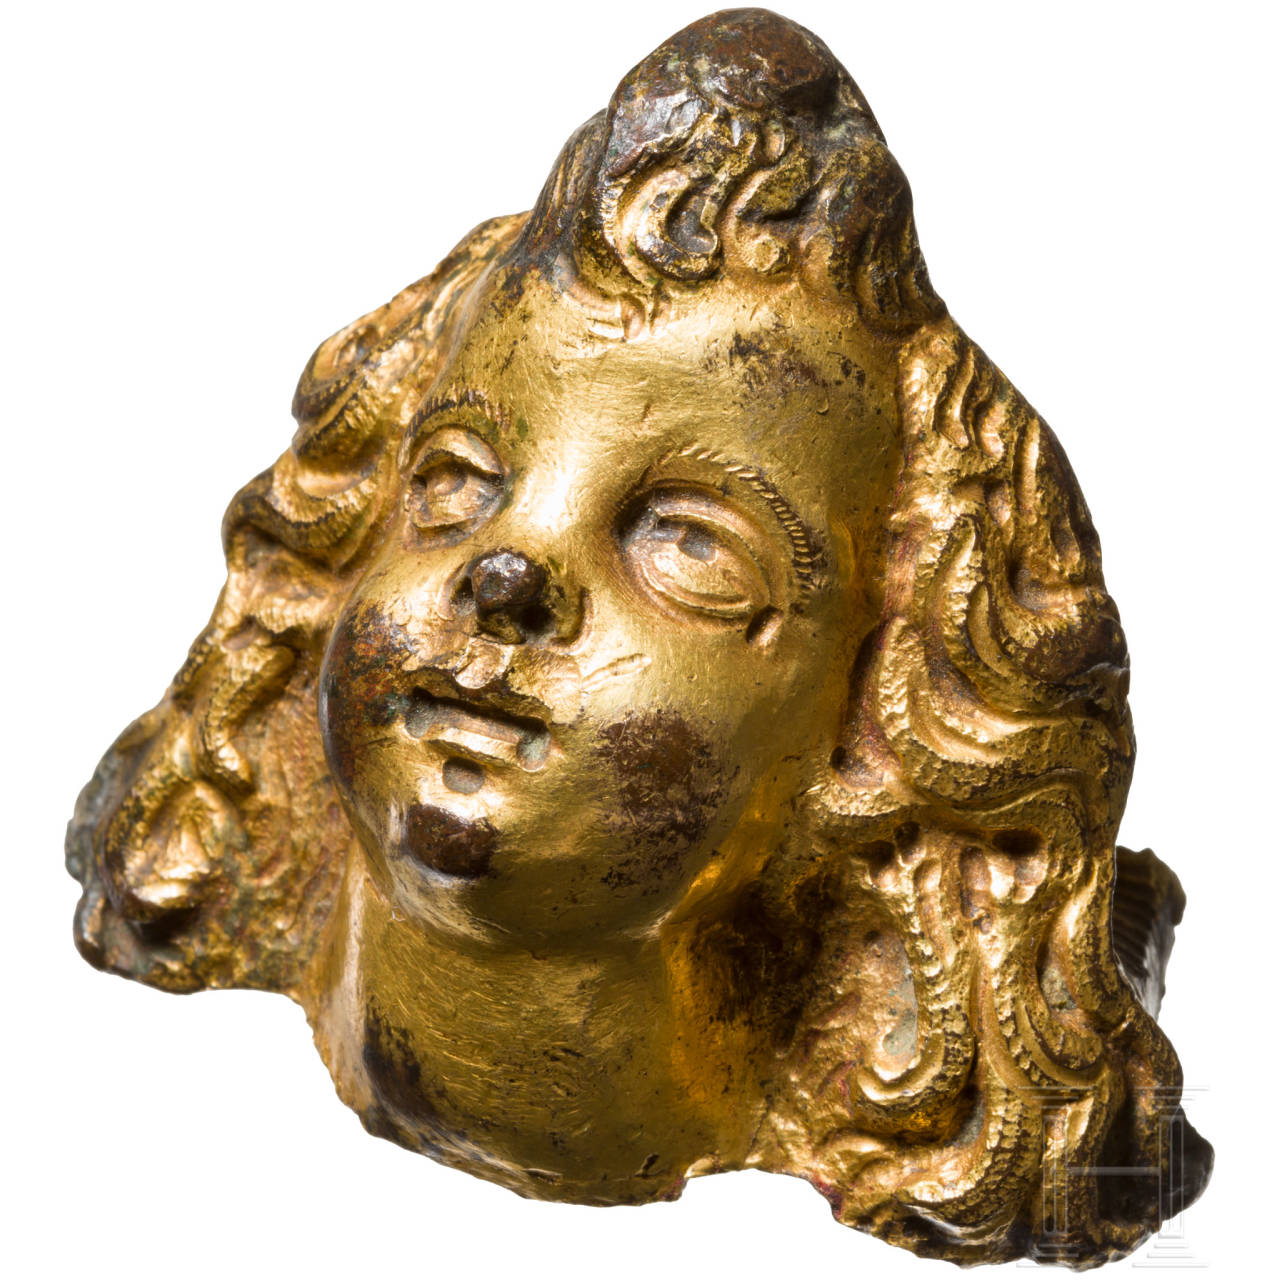 Vergoldetes Putto-Köpfchen, Italien, 16. Jhdt.